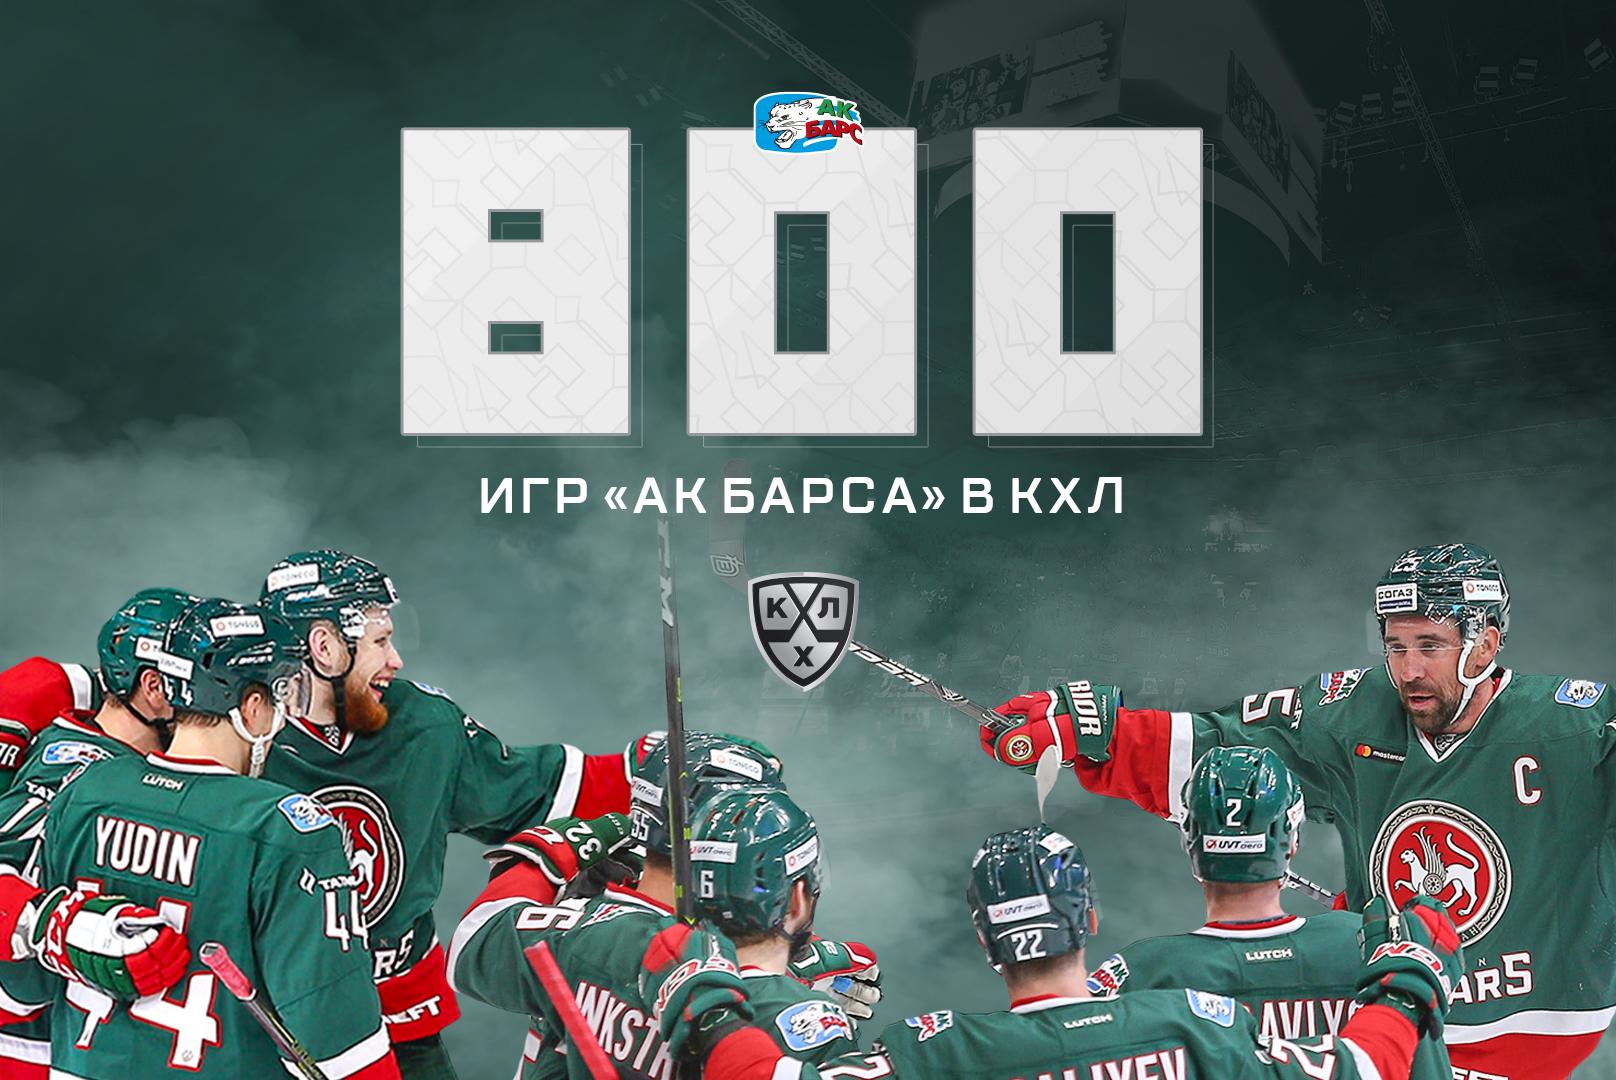 «Ак Барс» сыграл 800 матчей в КХЛ. 30.10.2019